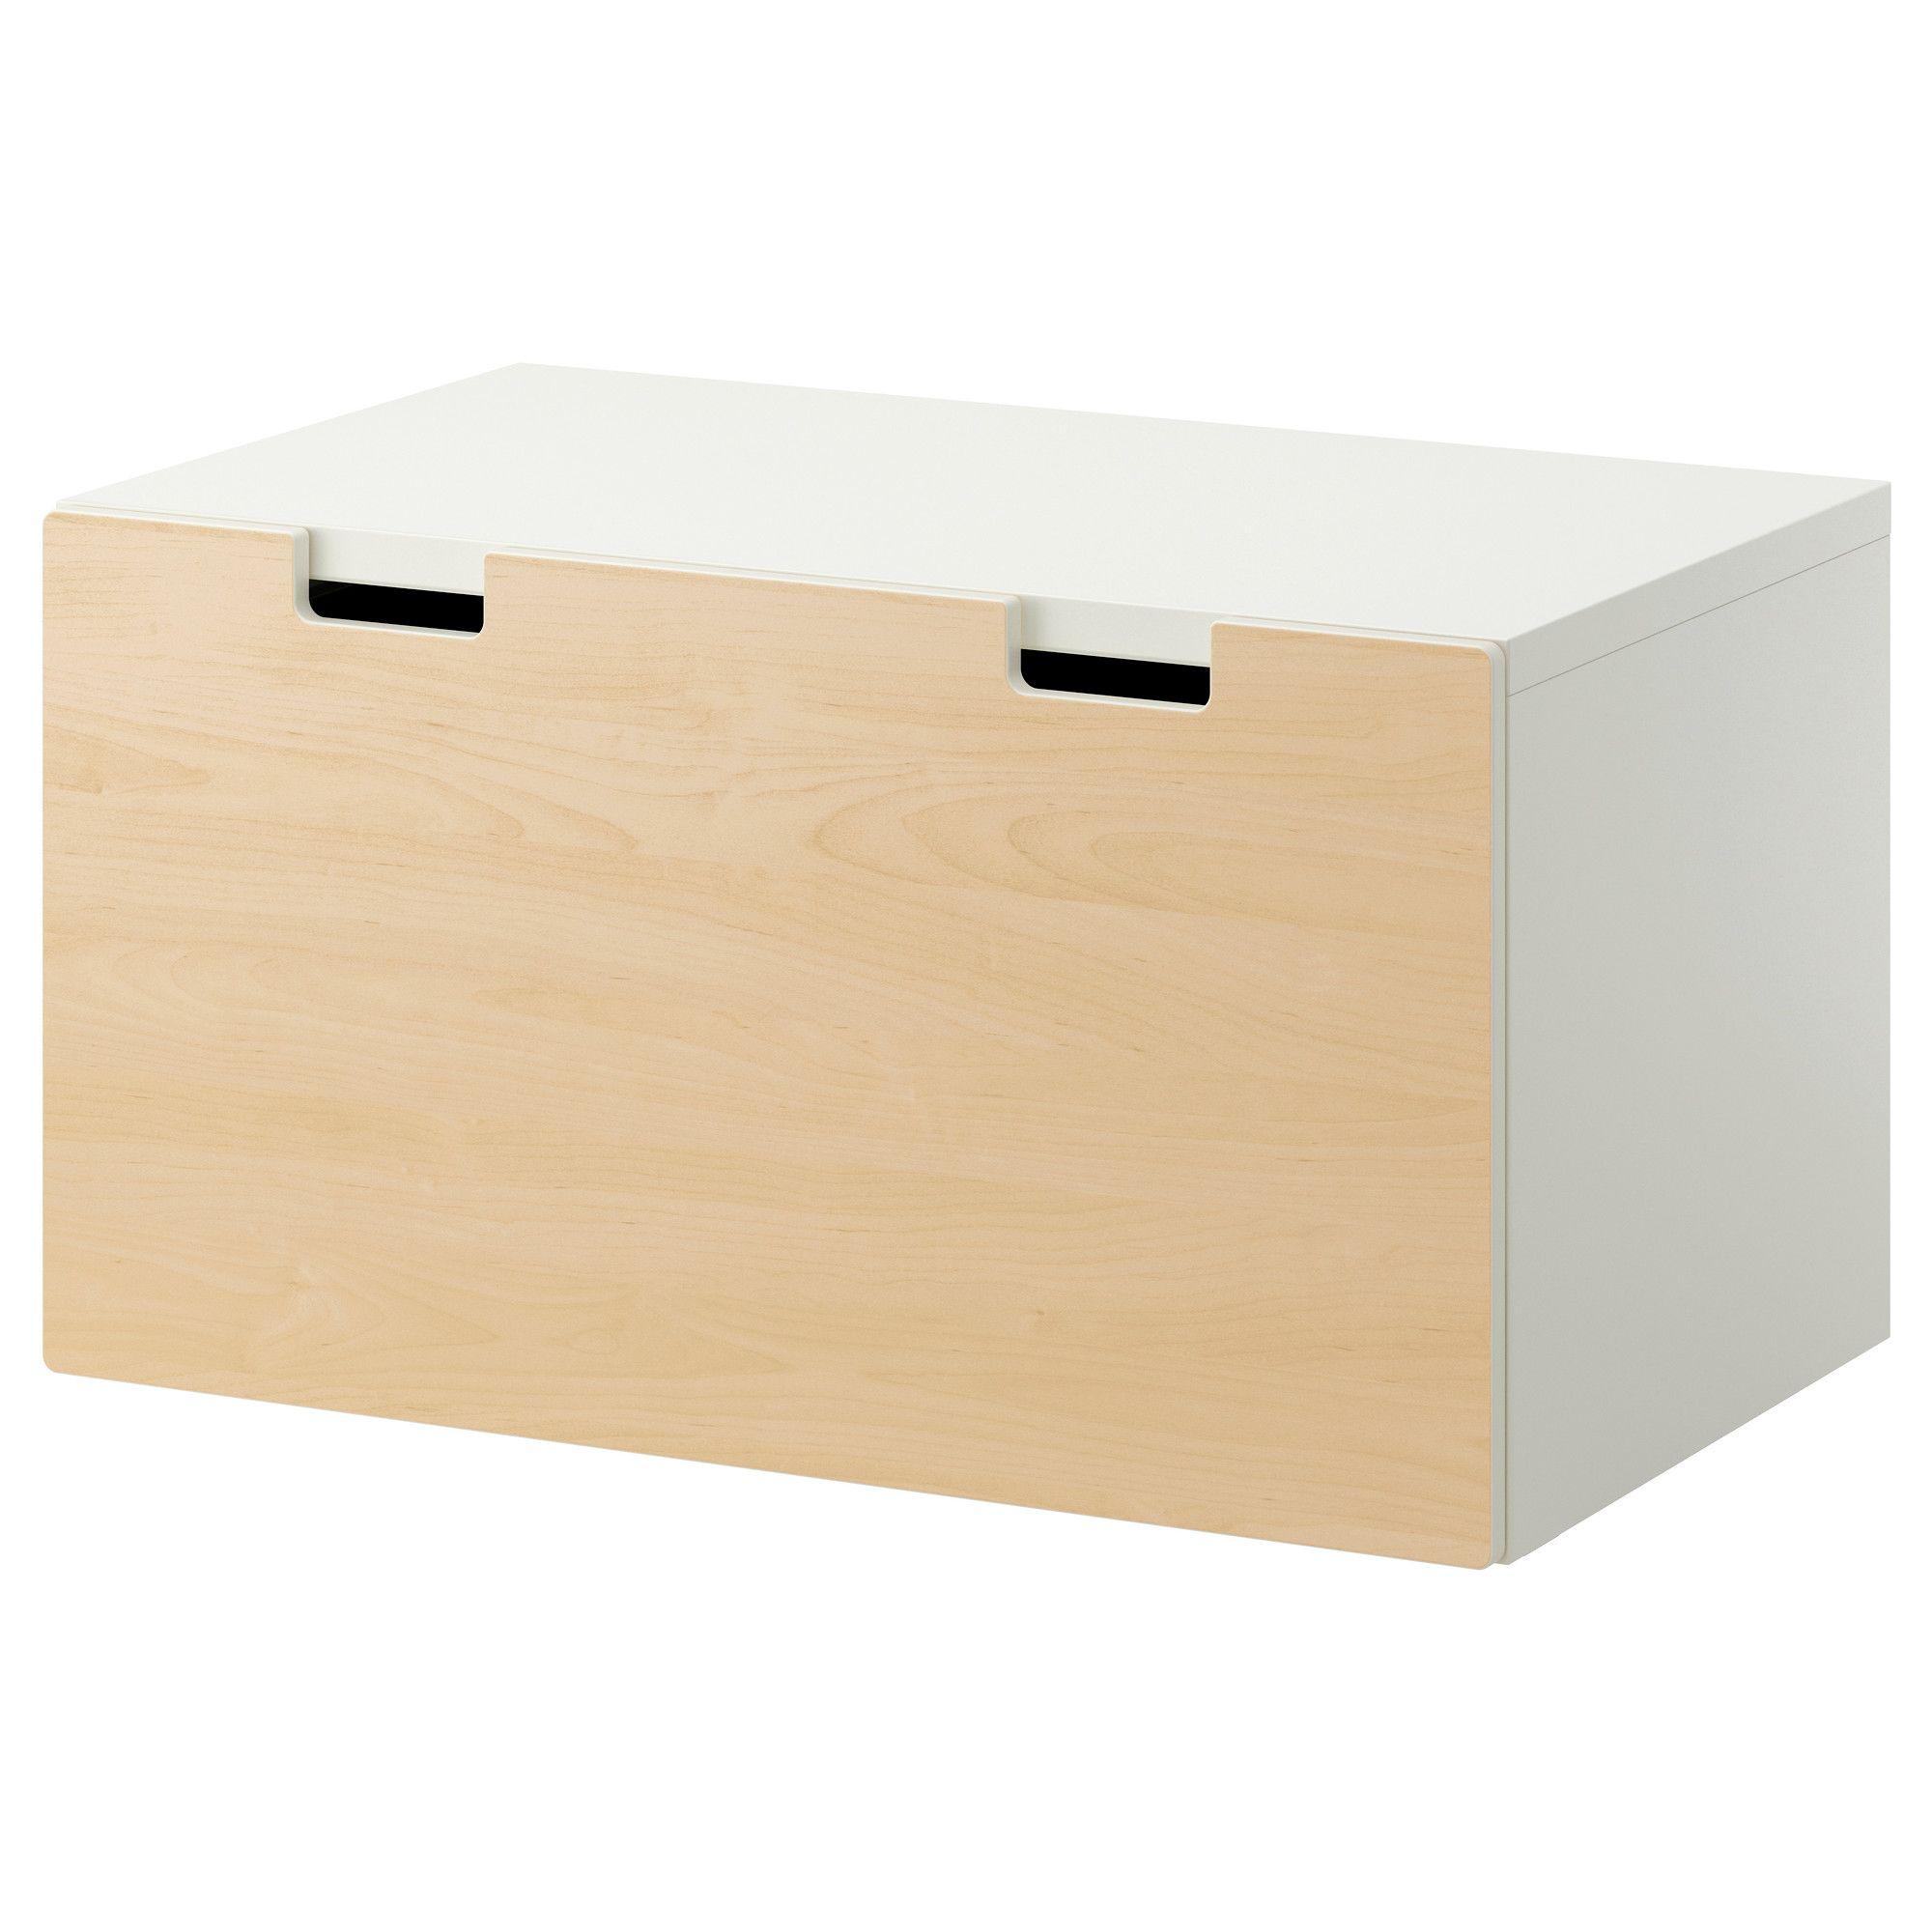 Mobilier Et Decoration Interieur Et Exterieur Banc De Rangement Banc De Rangement Blanc Rangement Bas